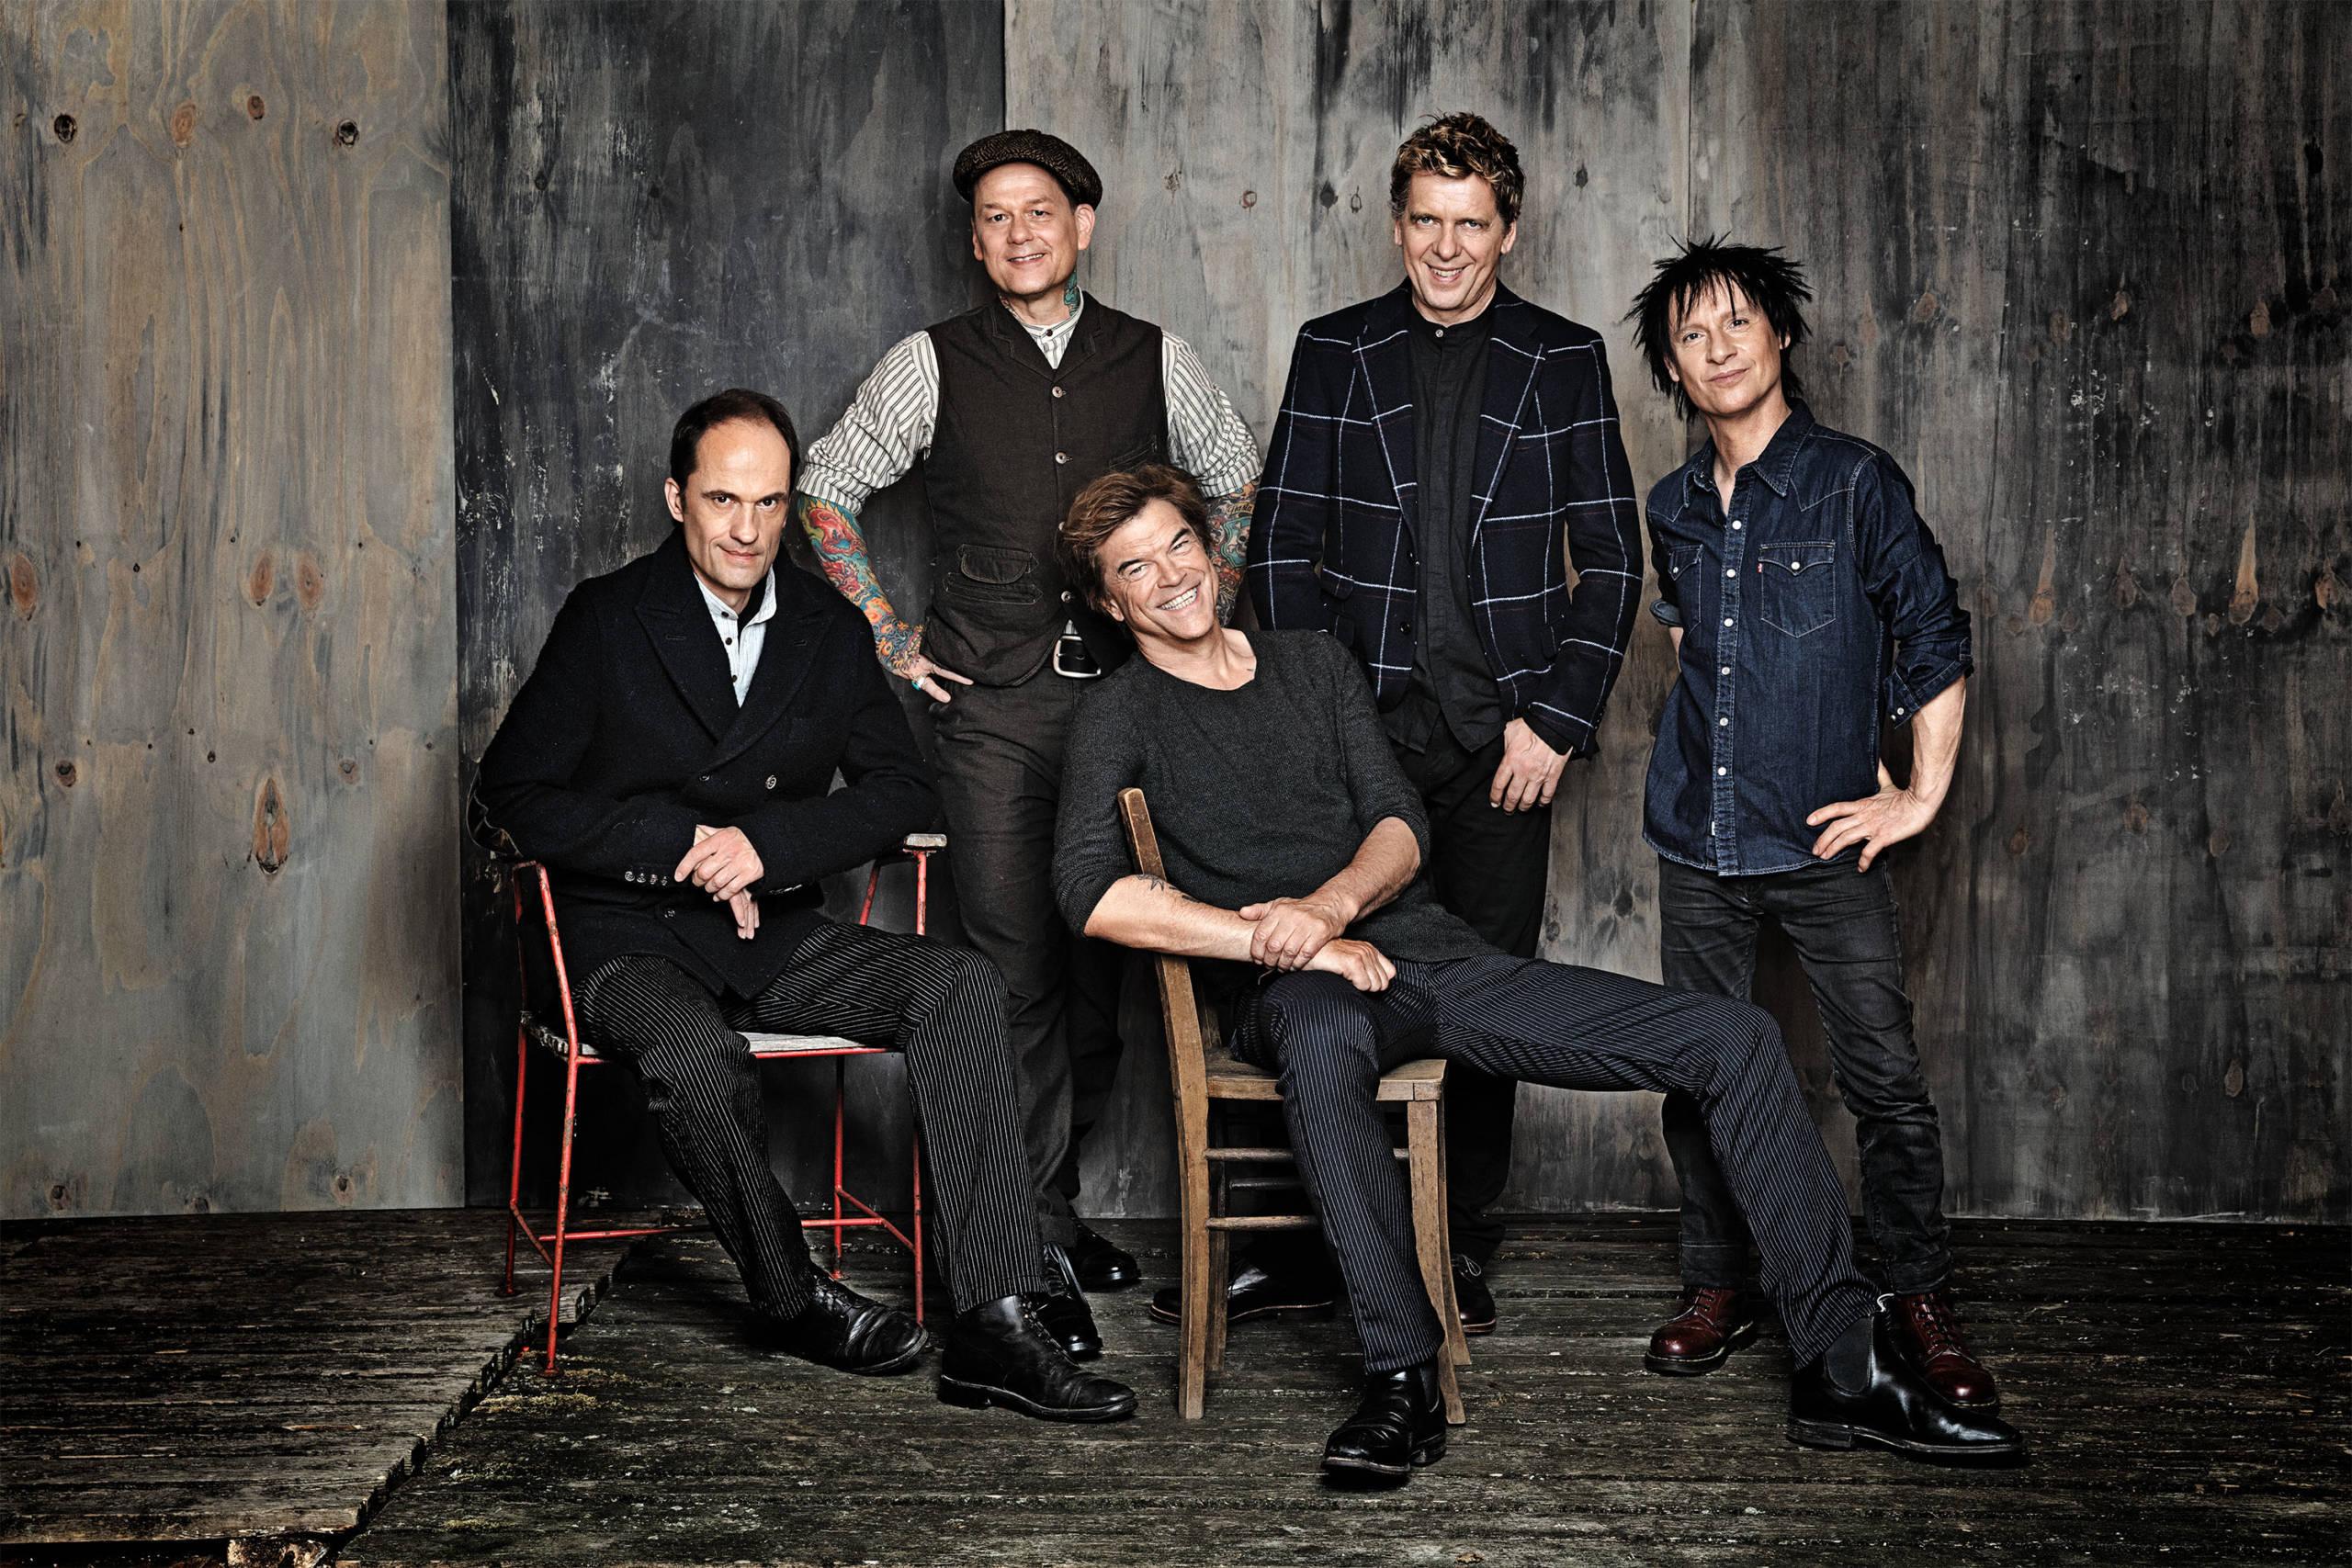 Die Toten Hosen live 2020: Tickets, Termine, Vorverkauf